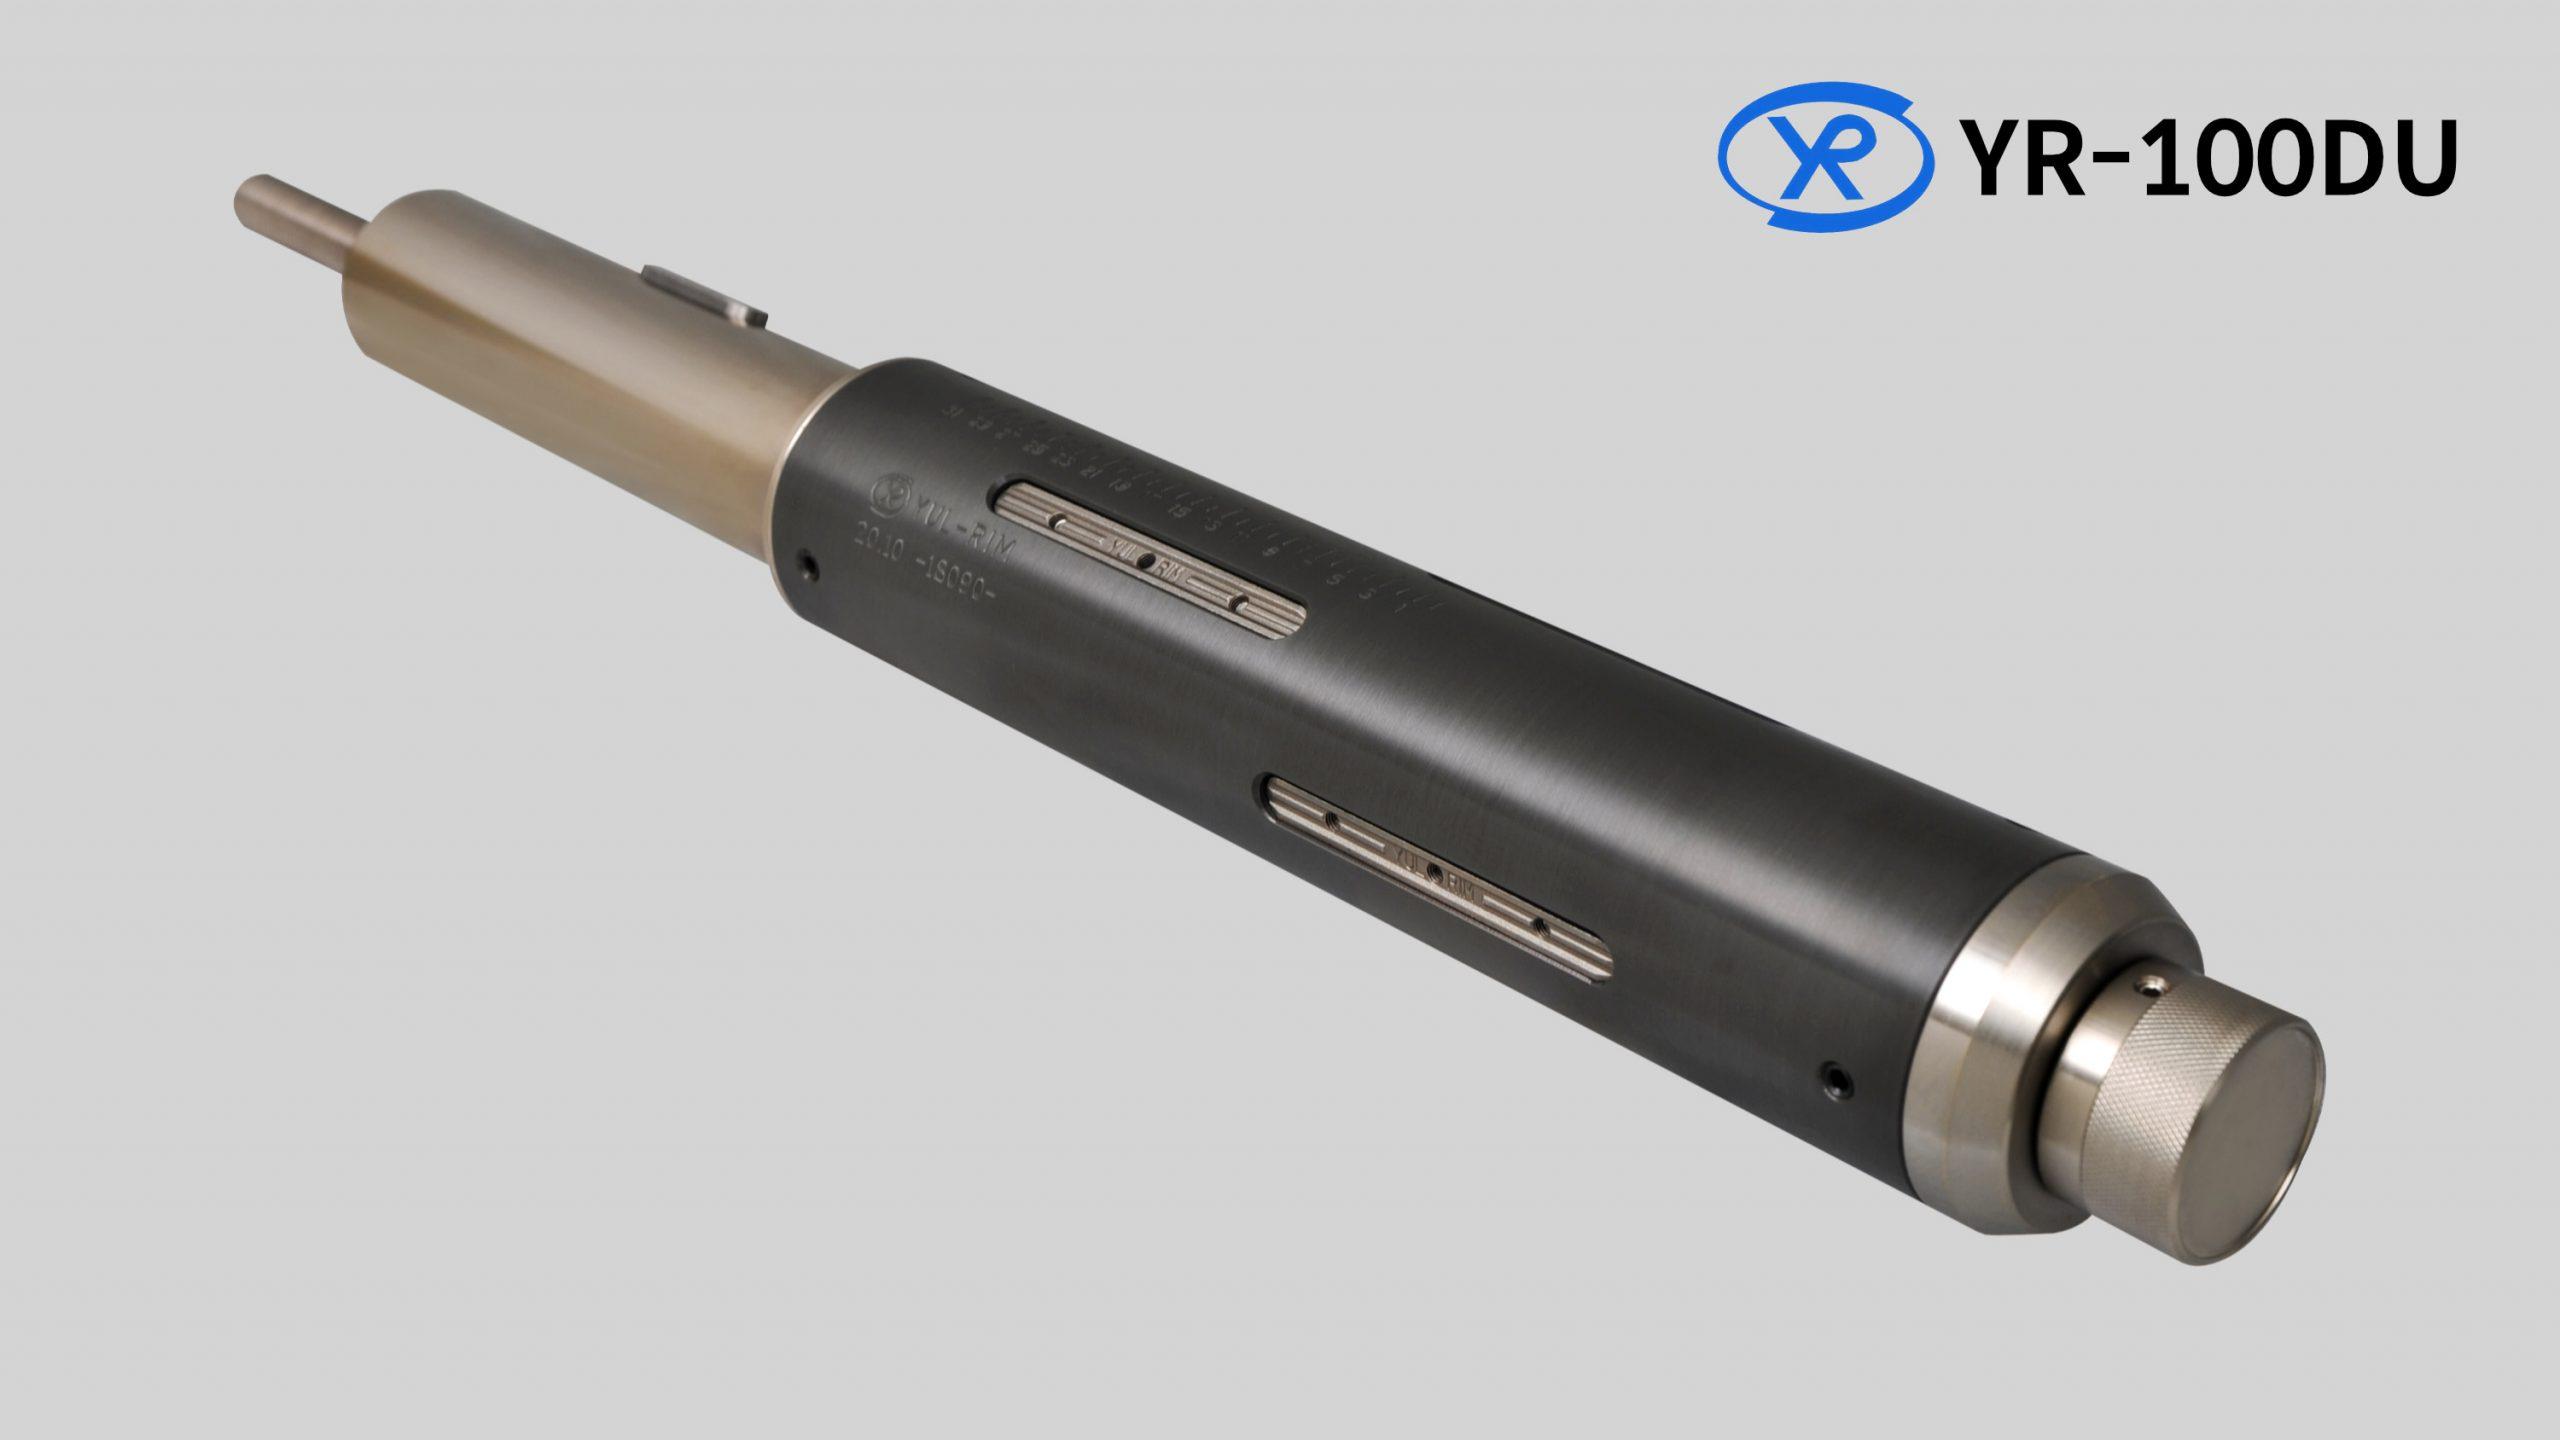 YR-100DU-001